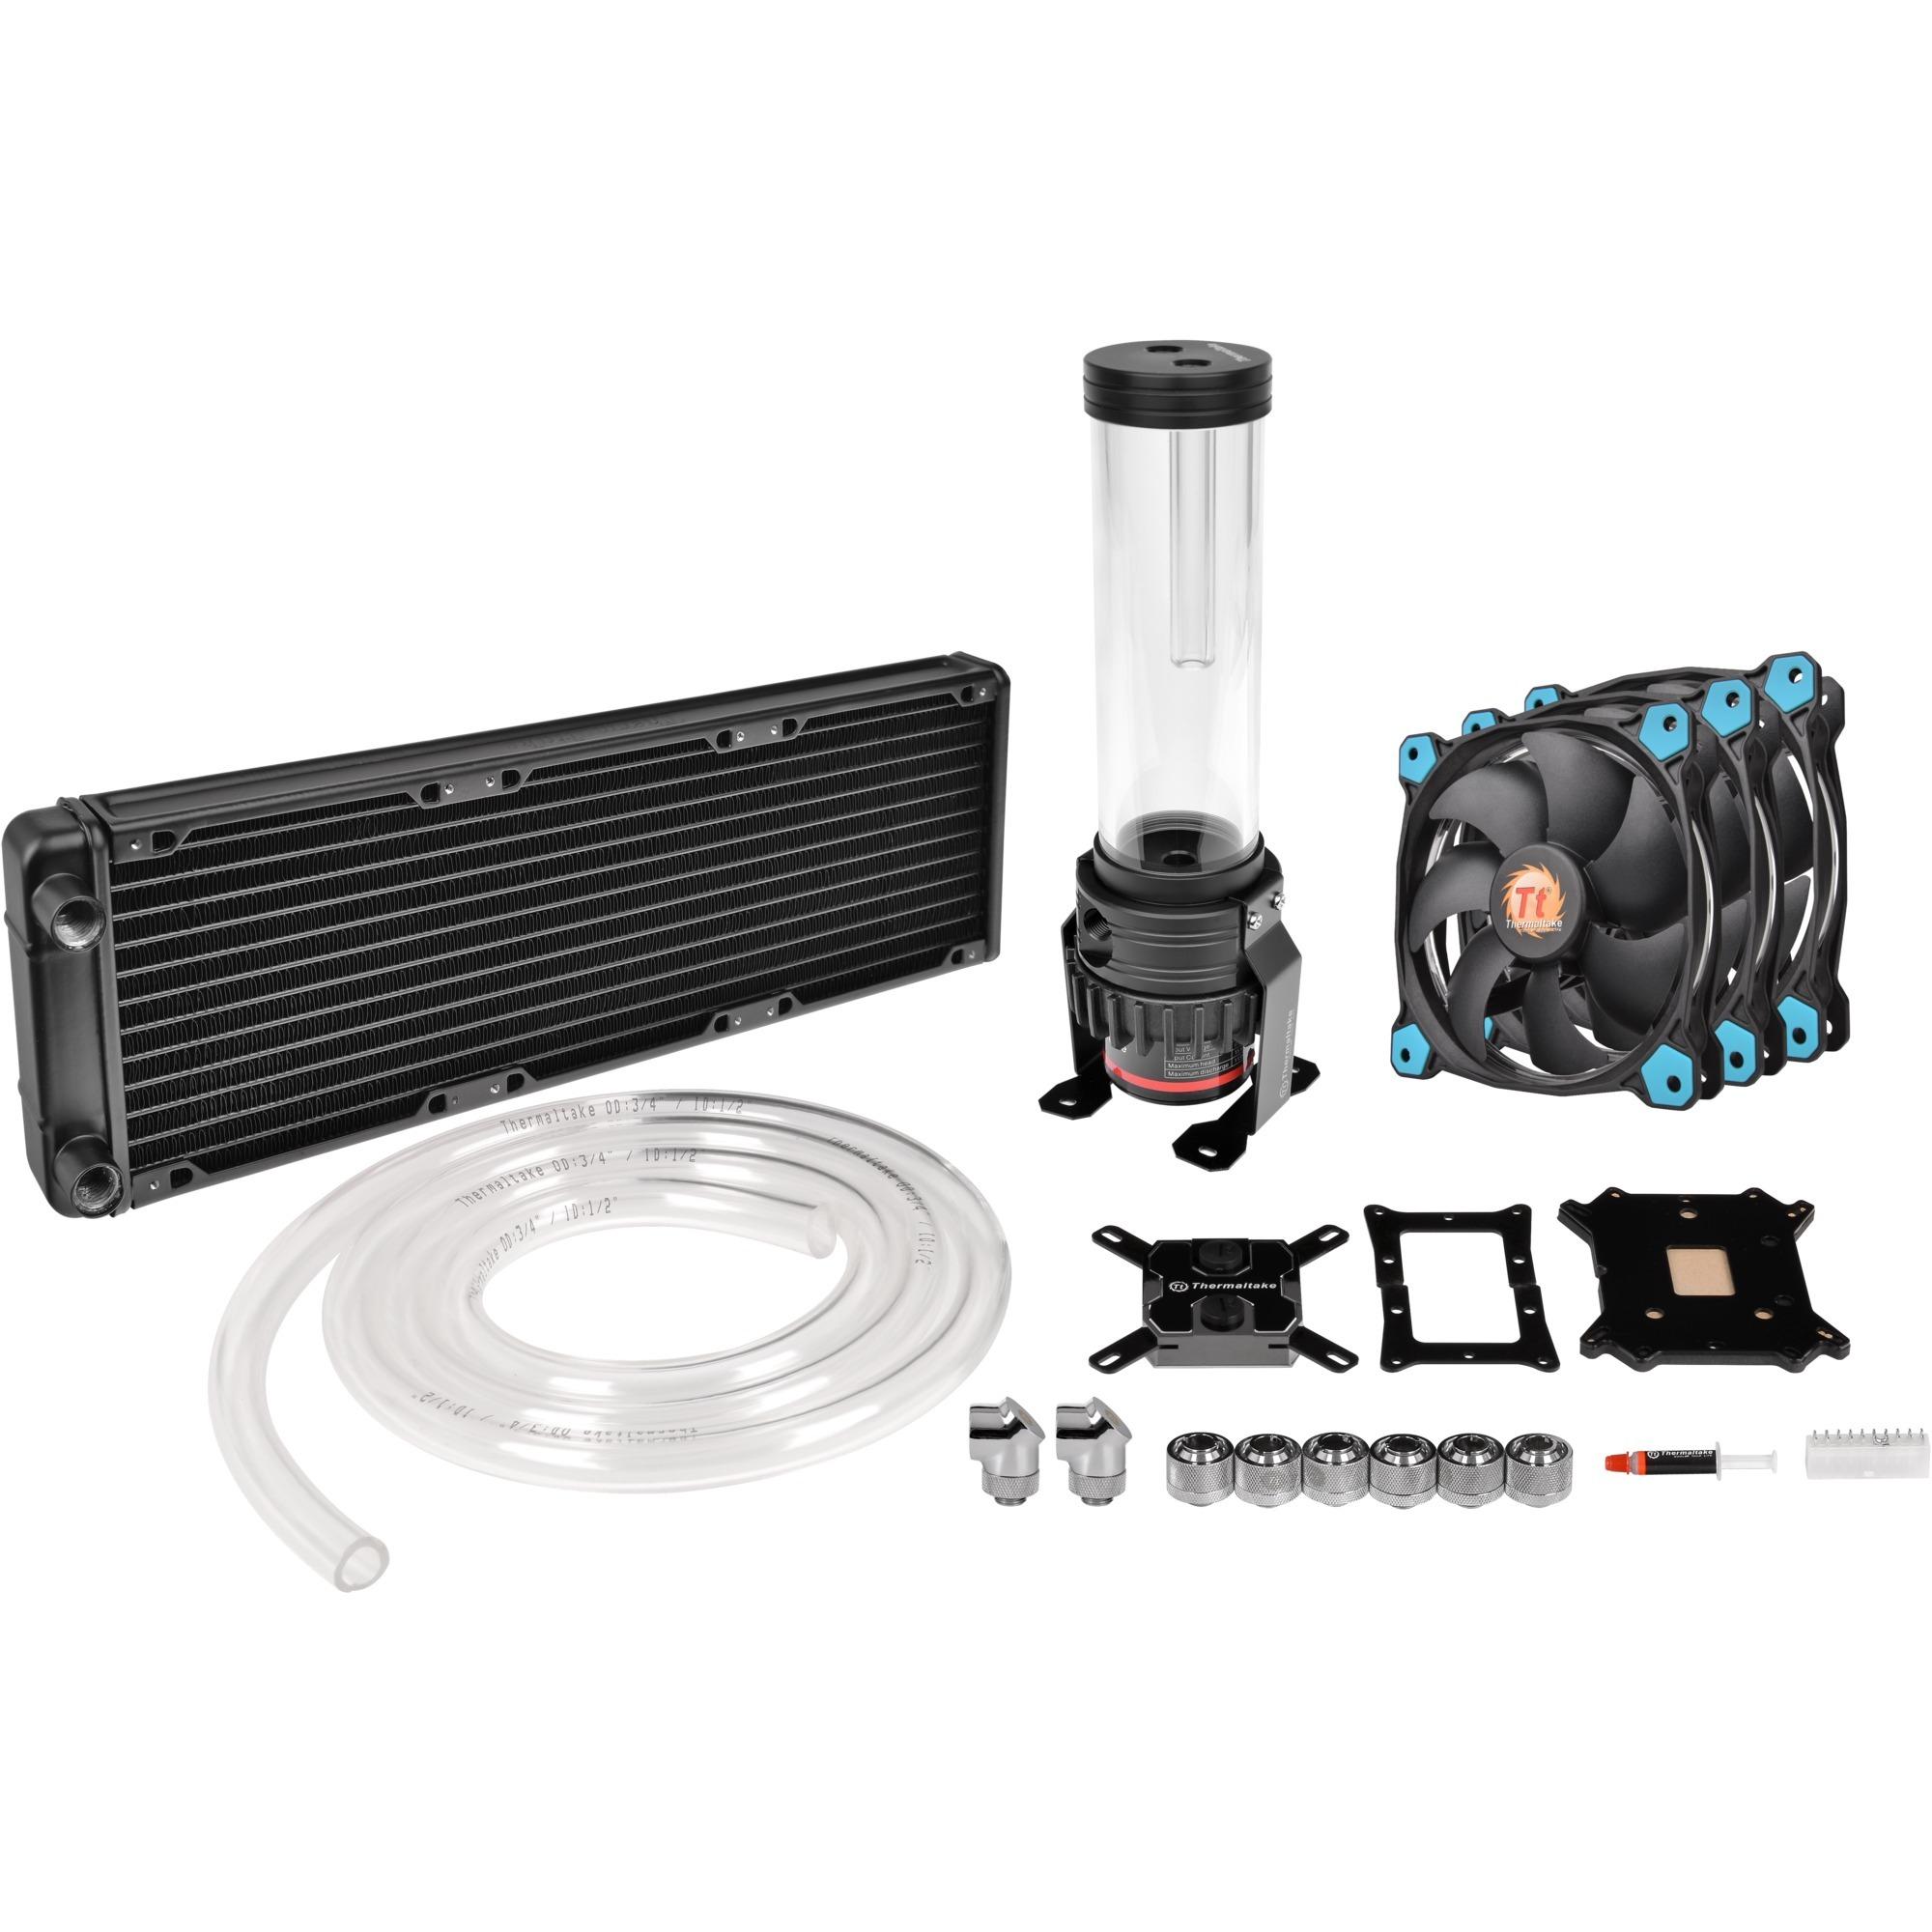 Pacific Gaming R360 Processeur eau et gaz réfrigérants, Refroidissement par eau